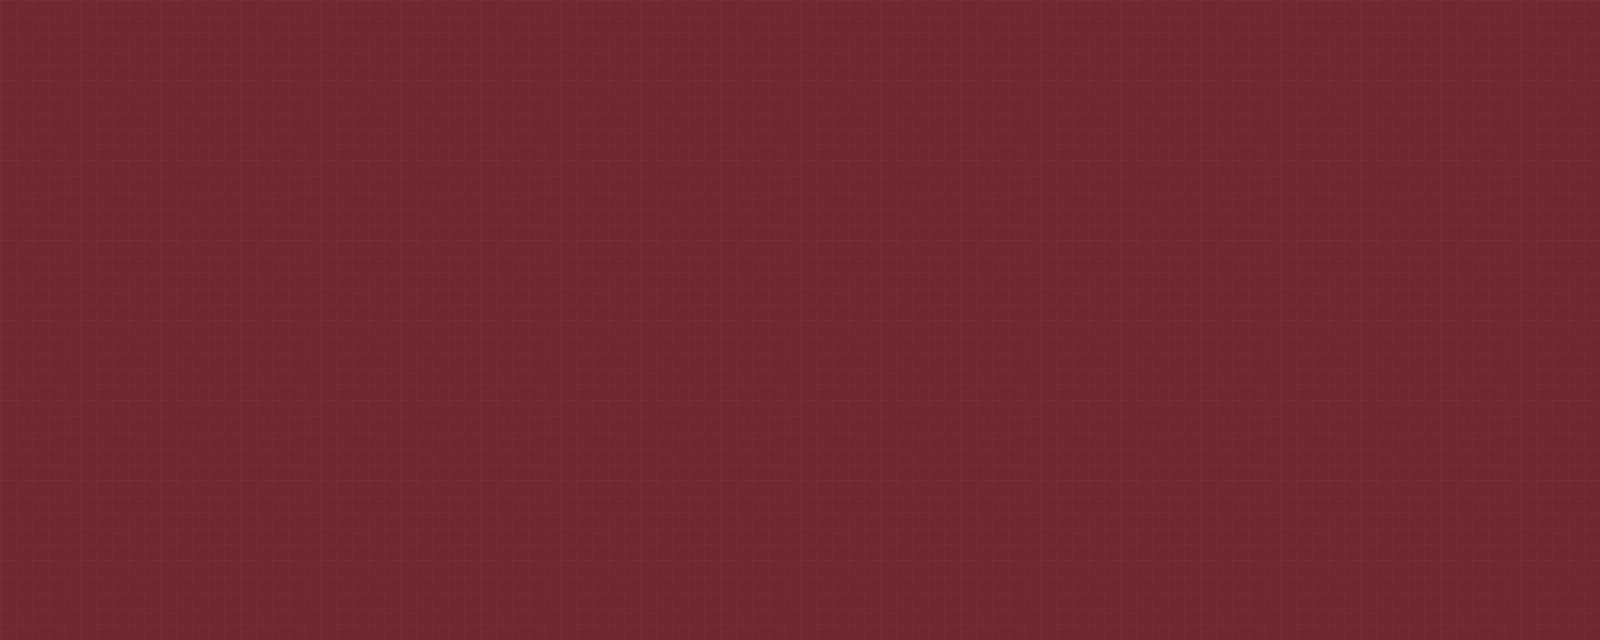 grid-maroon-BG